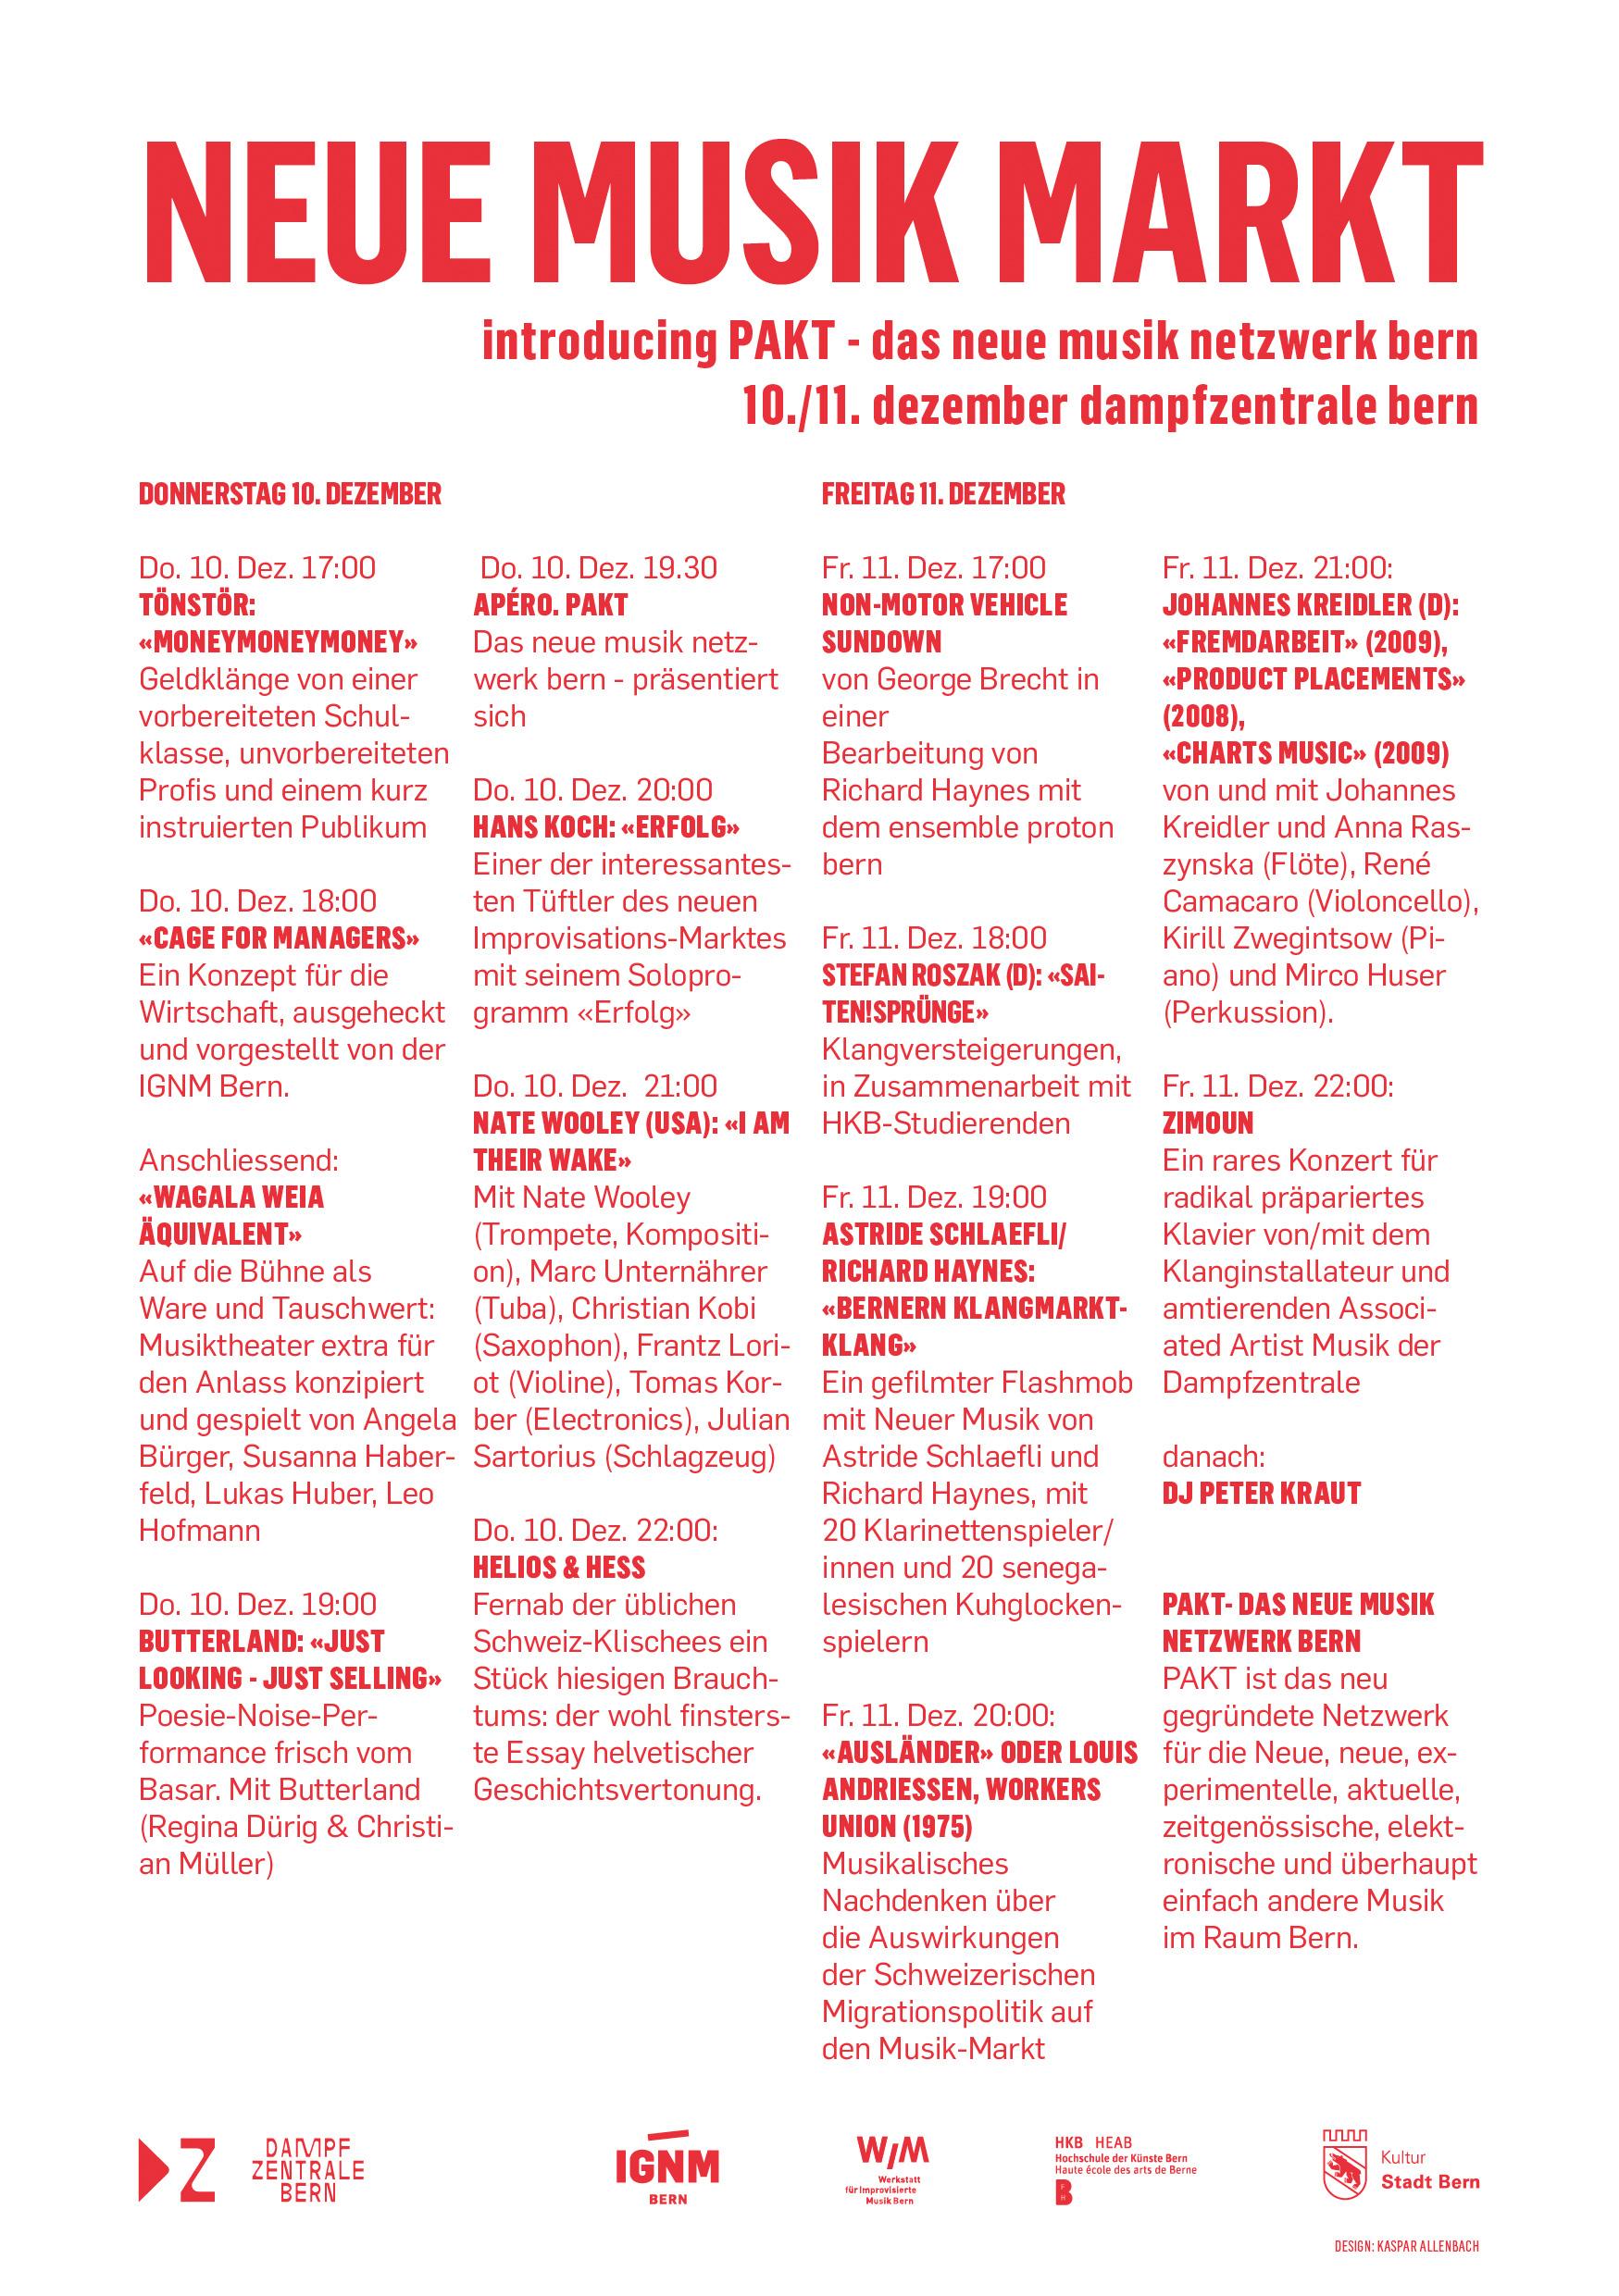 Neue_Musik_Markt._Programm